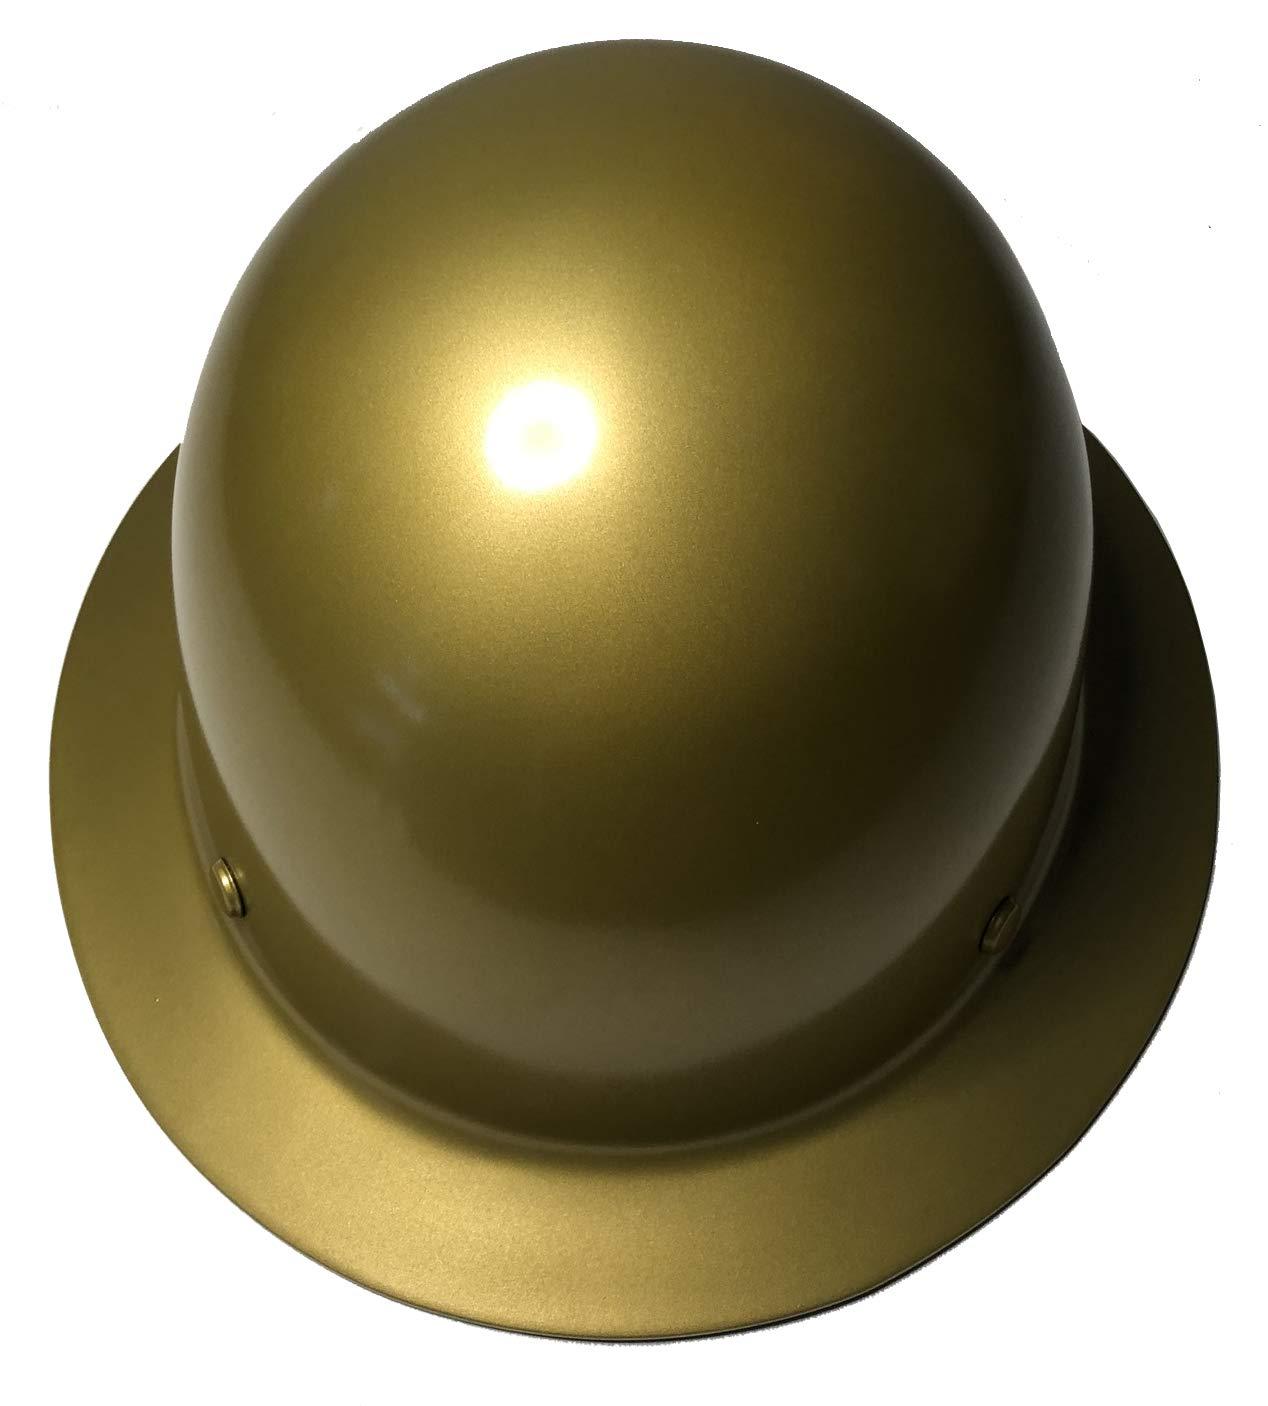 Hard Hat MSA Skullgard Full Brim Custom Gold Metallic Satin by Bag R Buck (Image #4)